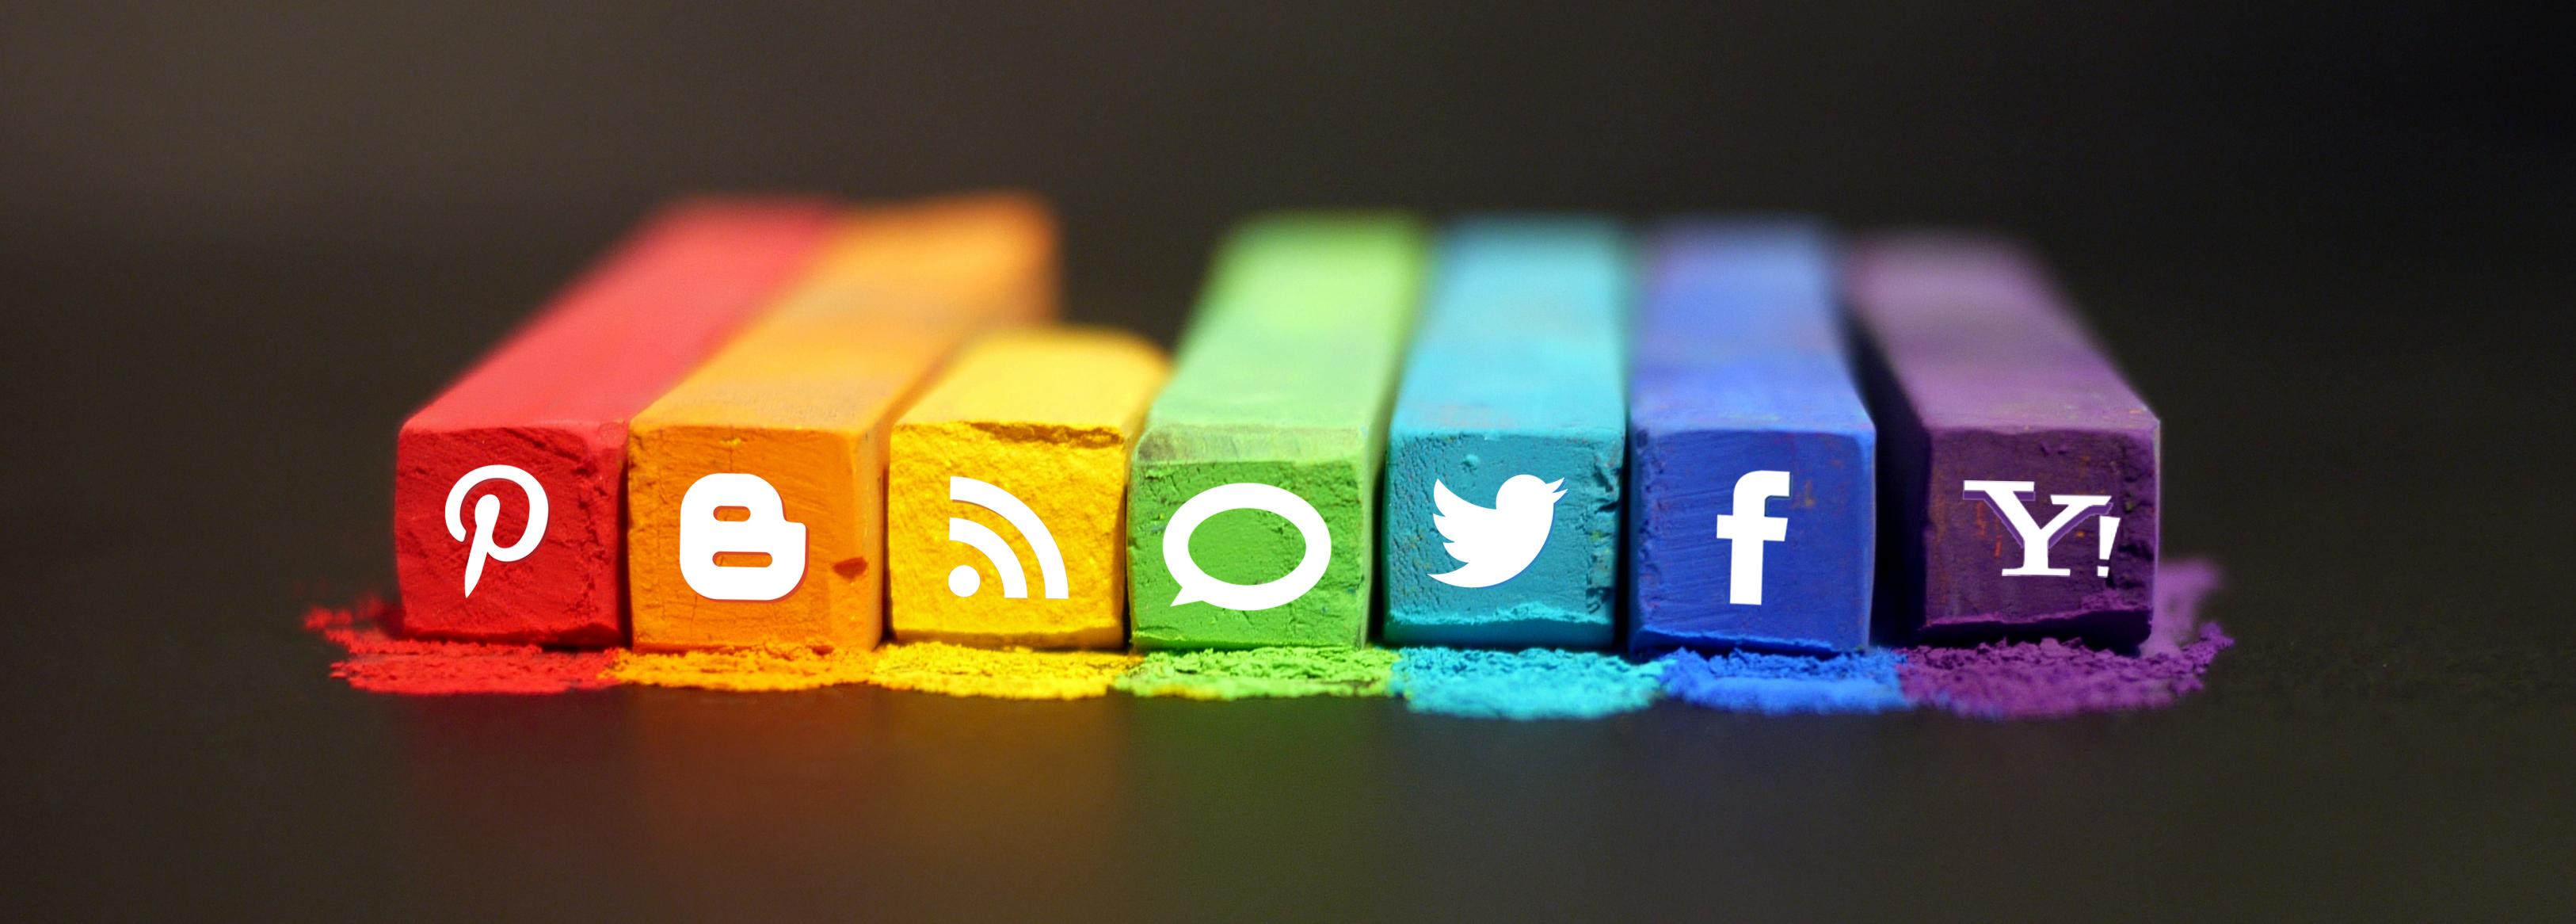 chalky social media